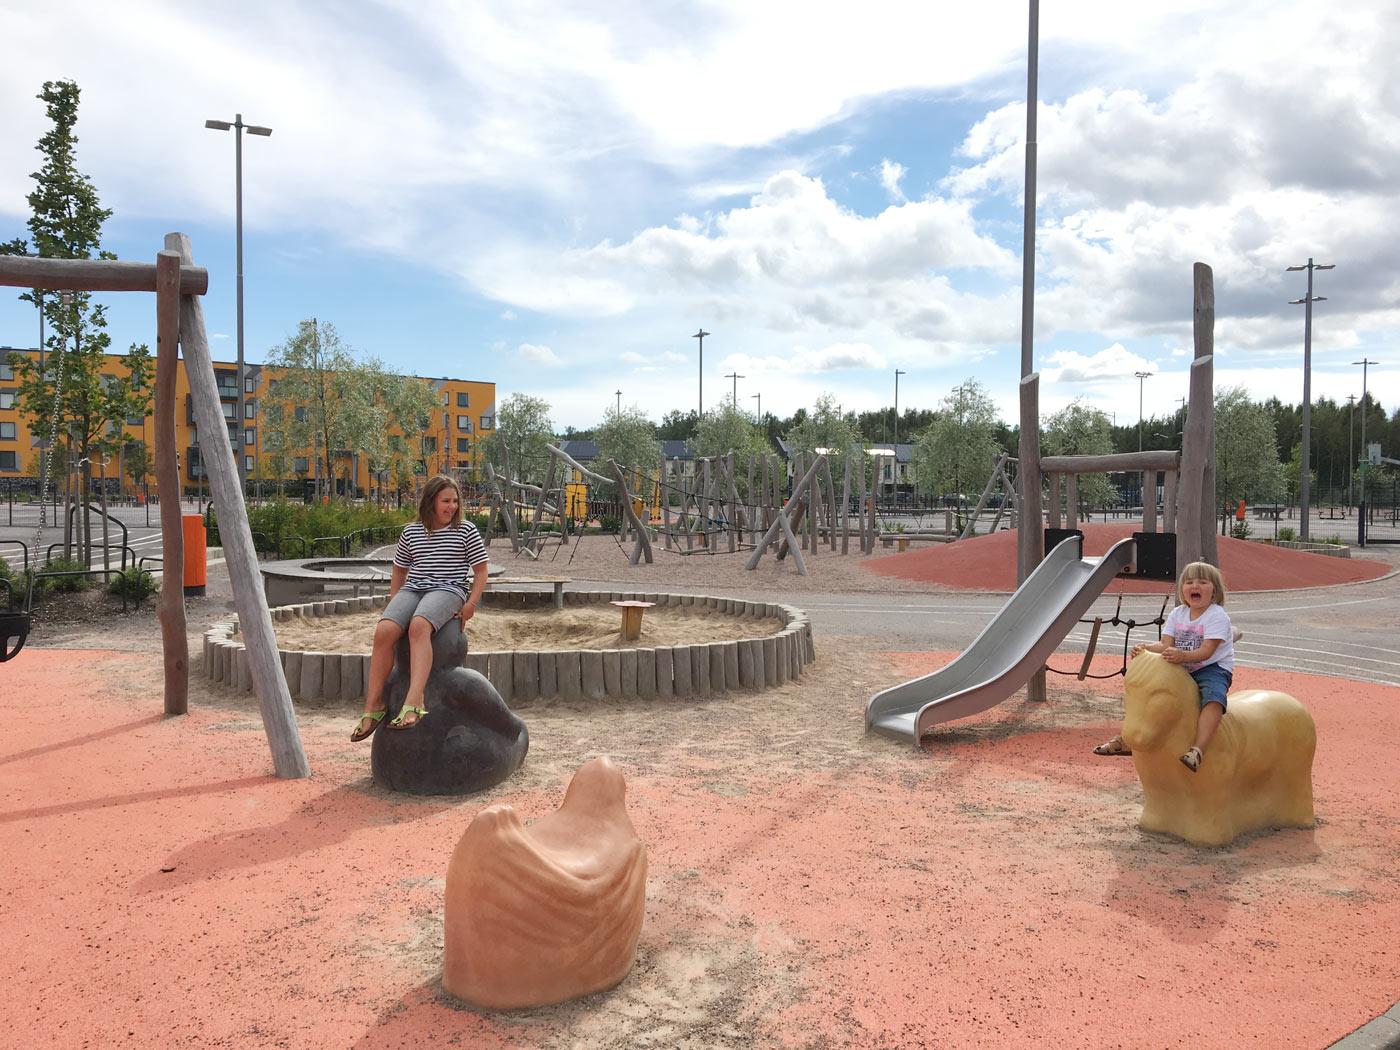 Opinmäki playground kids playing